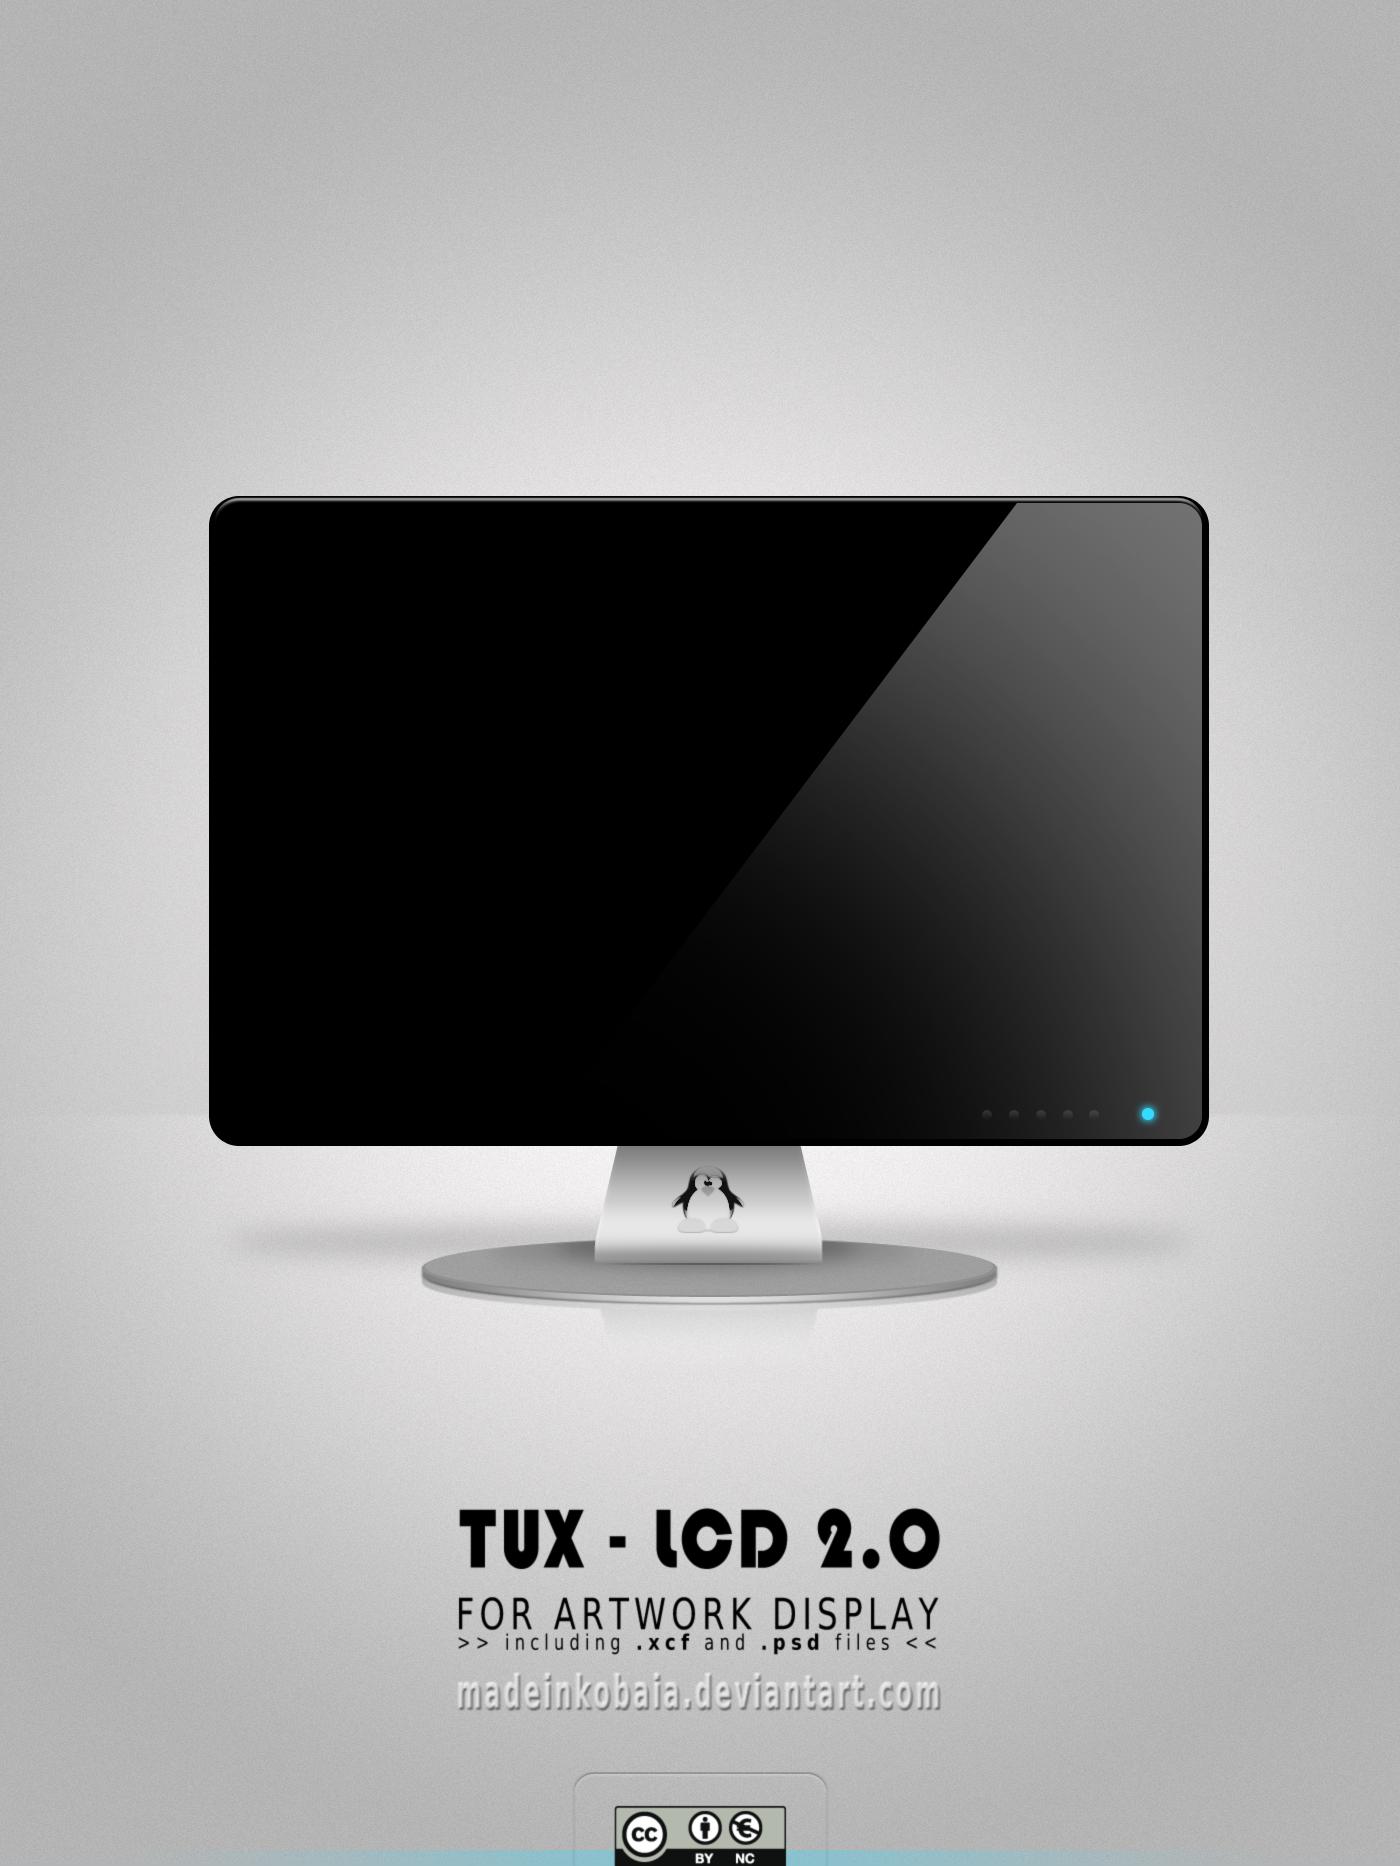 TUX-LCD 2.0 Artwork Display